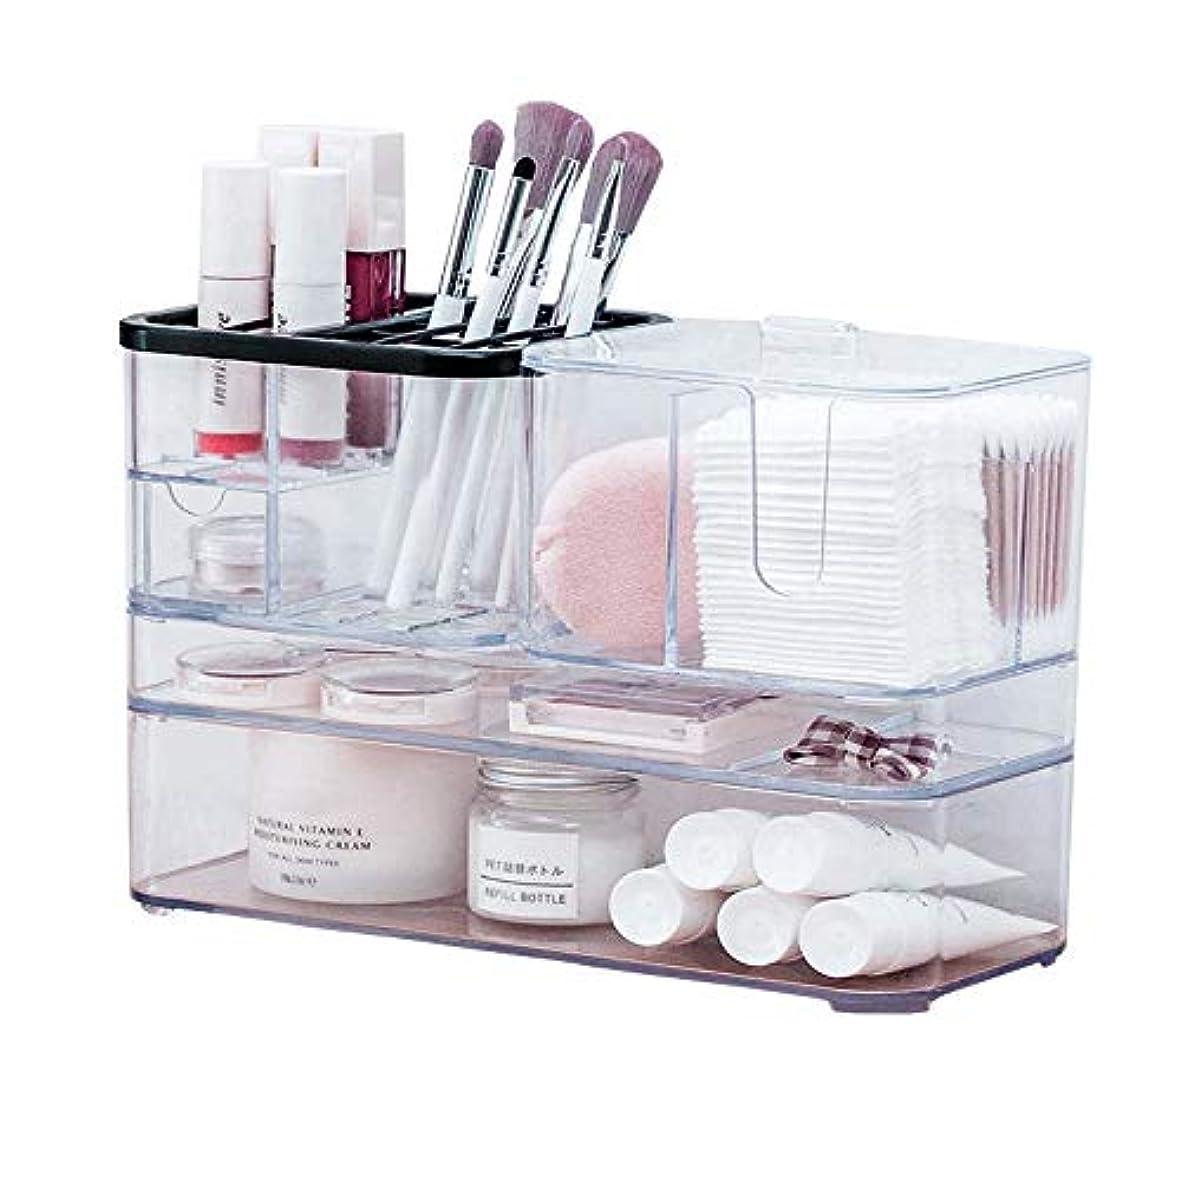 化粧品収納ボックス 収納 メイク 化粧品収納ケース 強い耐久性 整理簡単 多機能 4つの構成 絶妙な技量/高透明度 化粧品入れ レディ